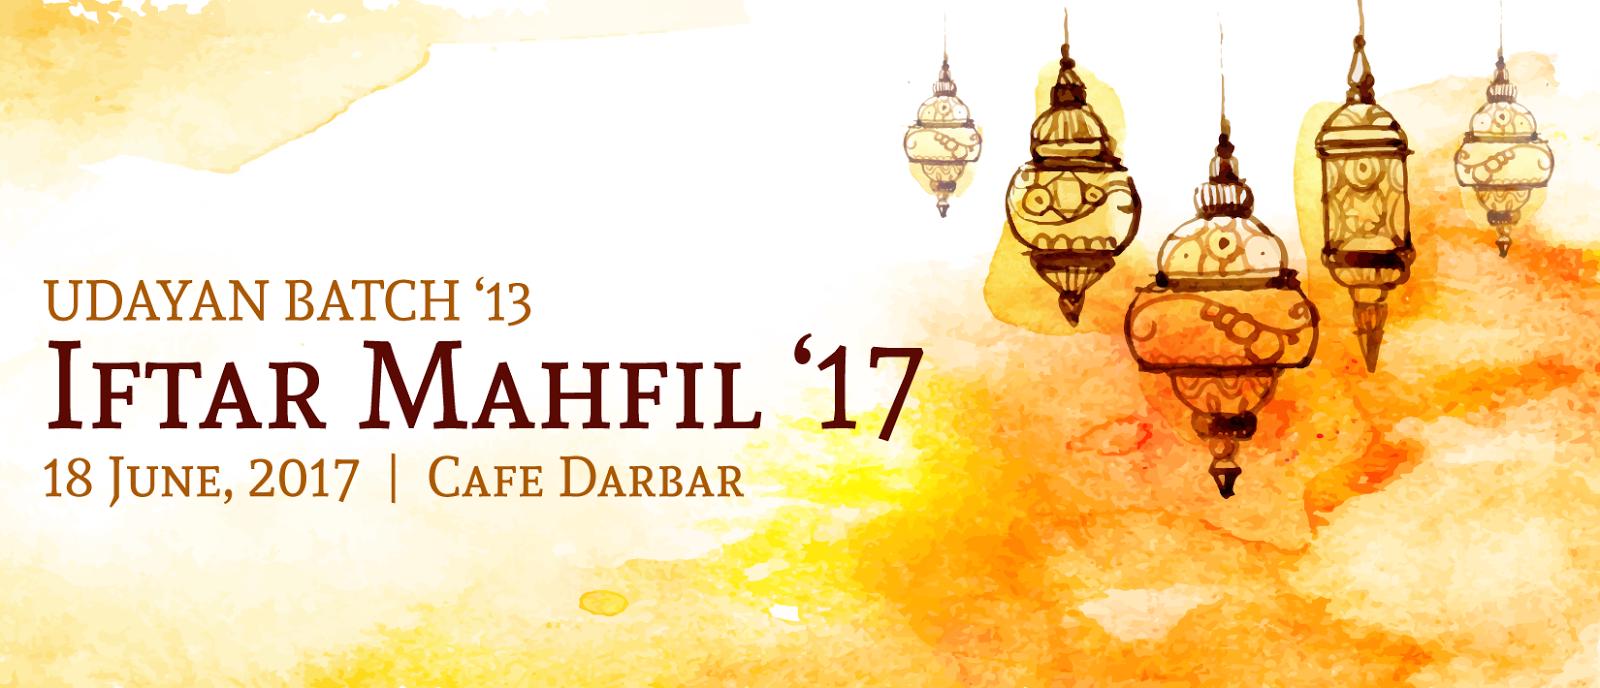 Banner Udayan Batch 13 Iftar Mahfil 17 Shadman S